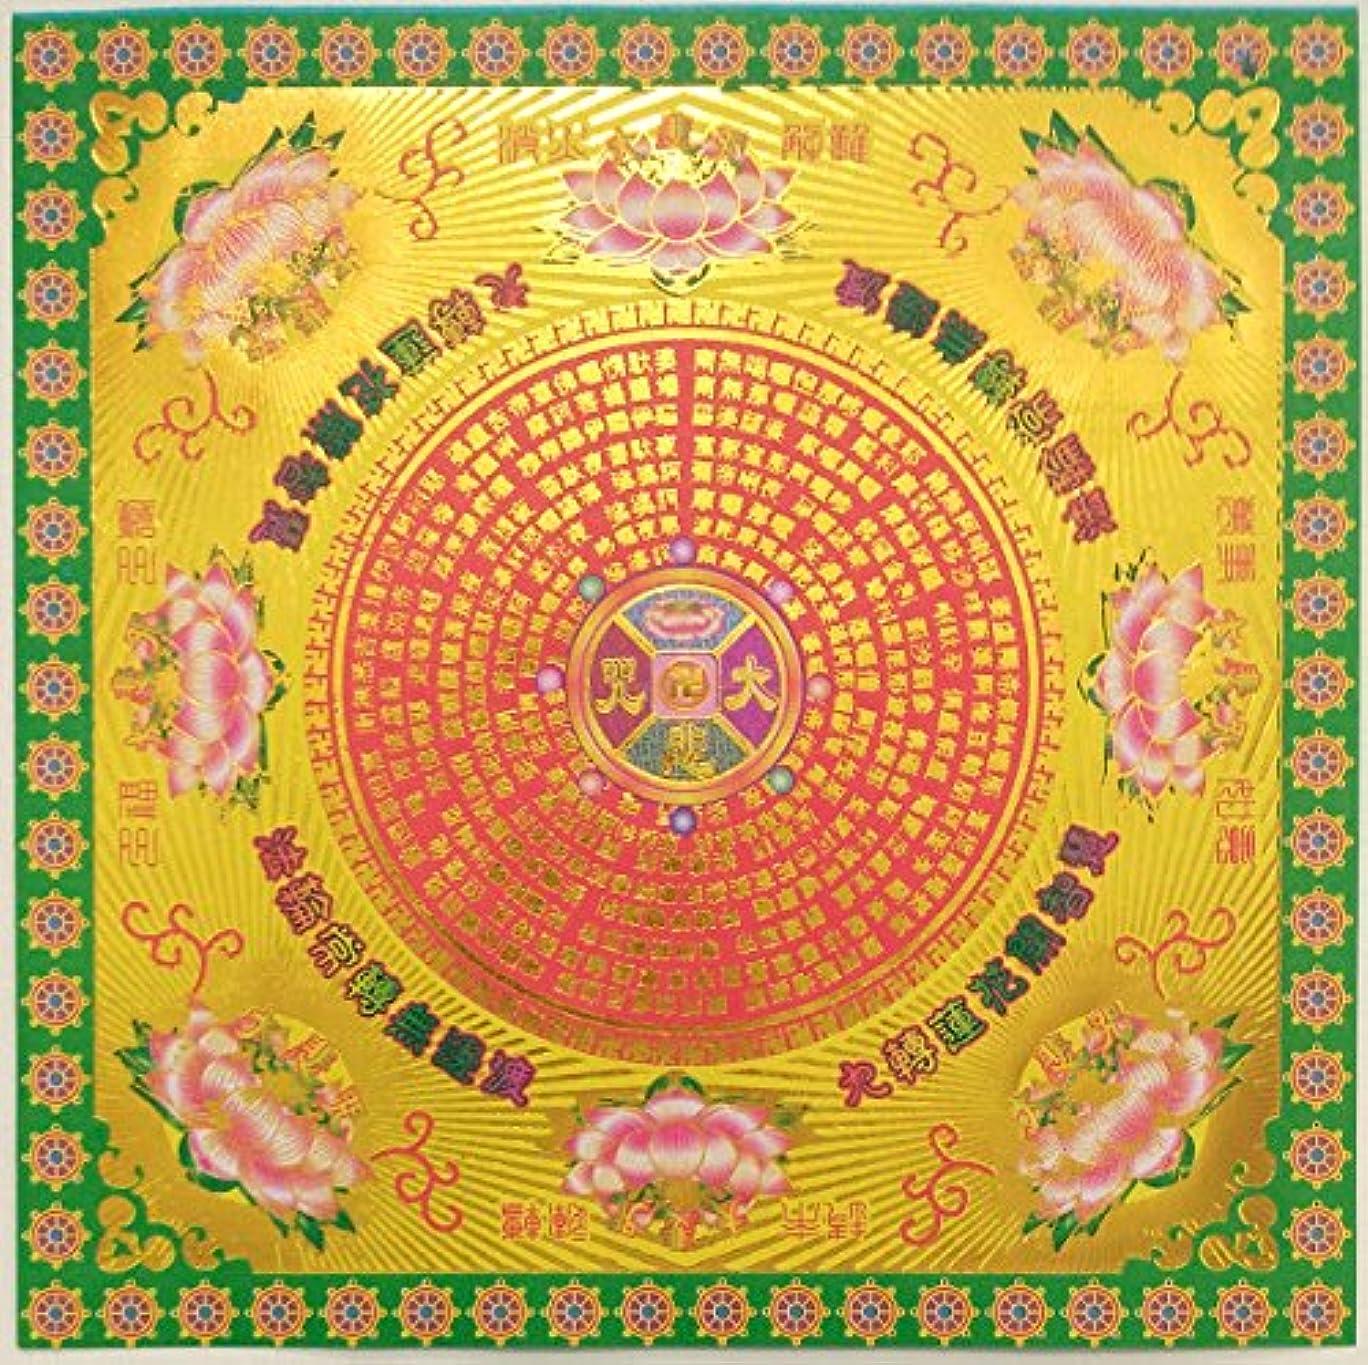 ブレス比類なきジャンプする40pcs Incense用紙/ Joss用紙green-goldSサイズの祖先Praying 7.65インチx 7.65インチ